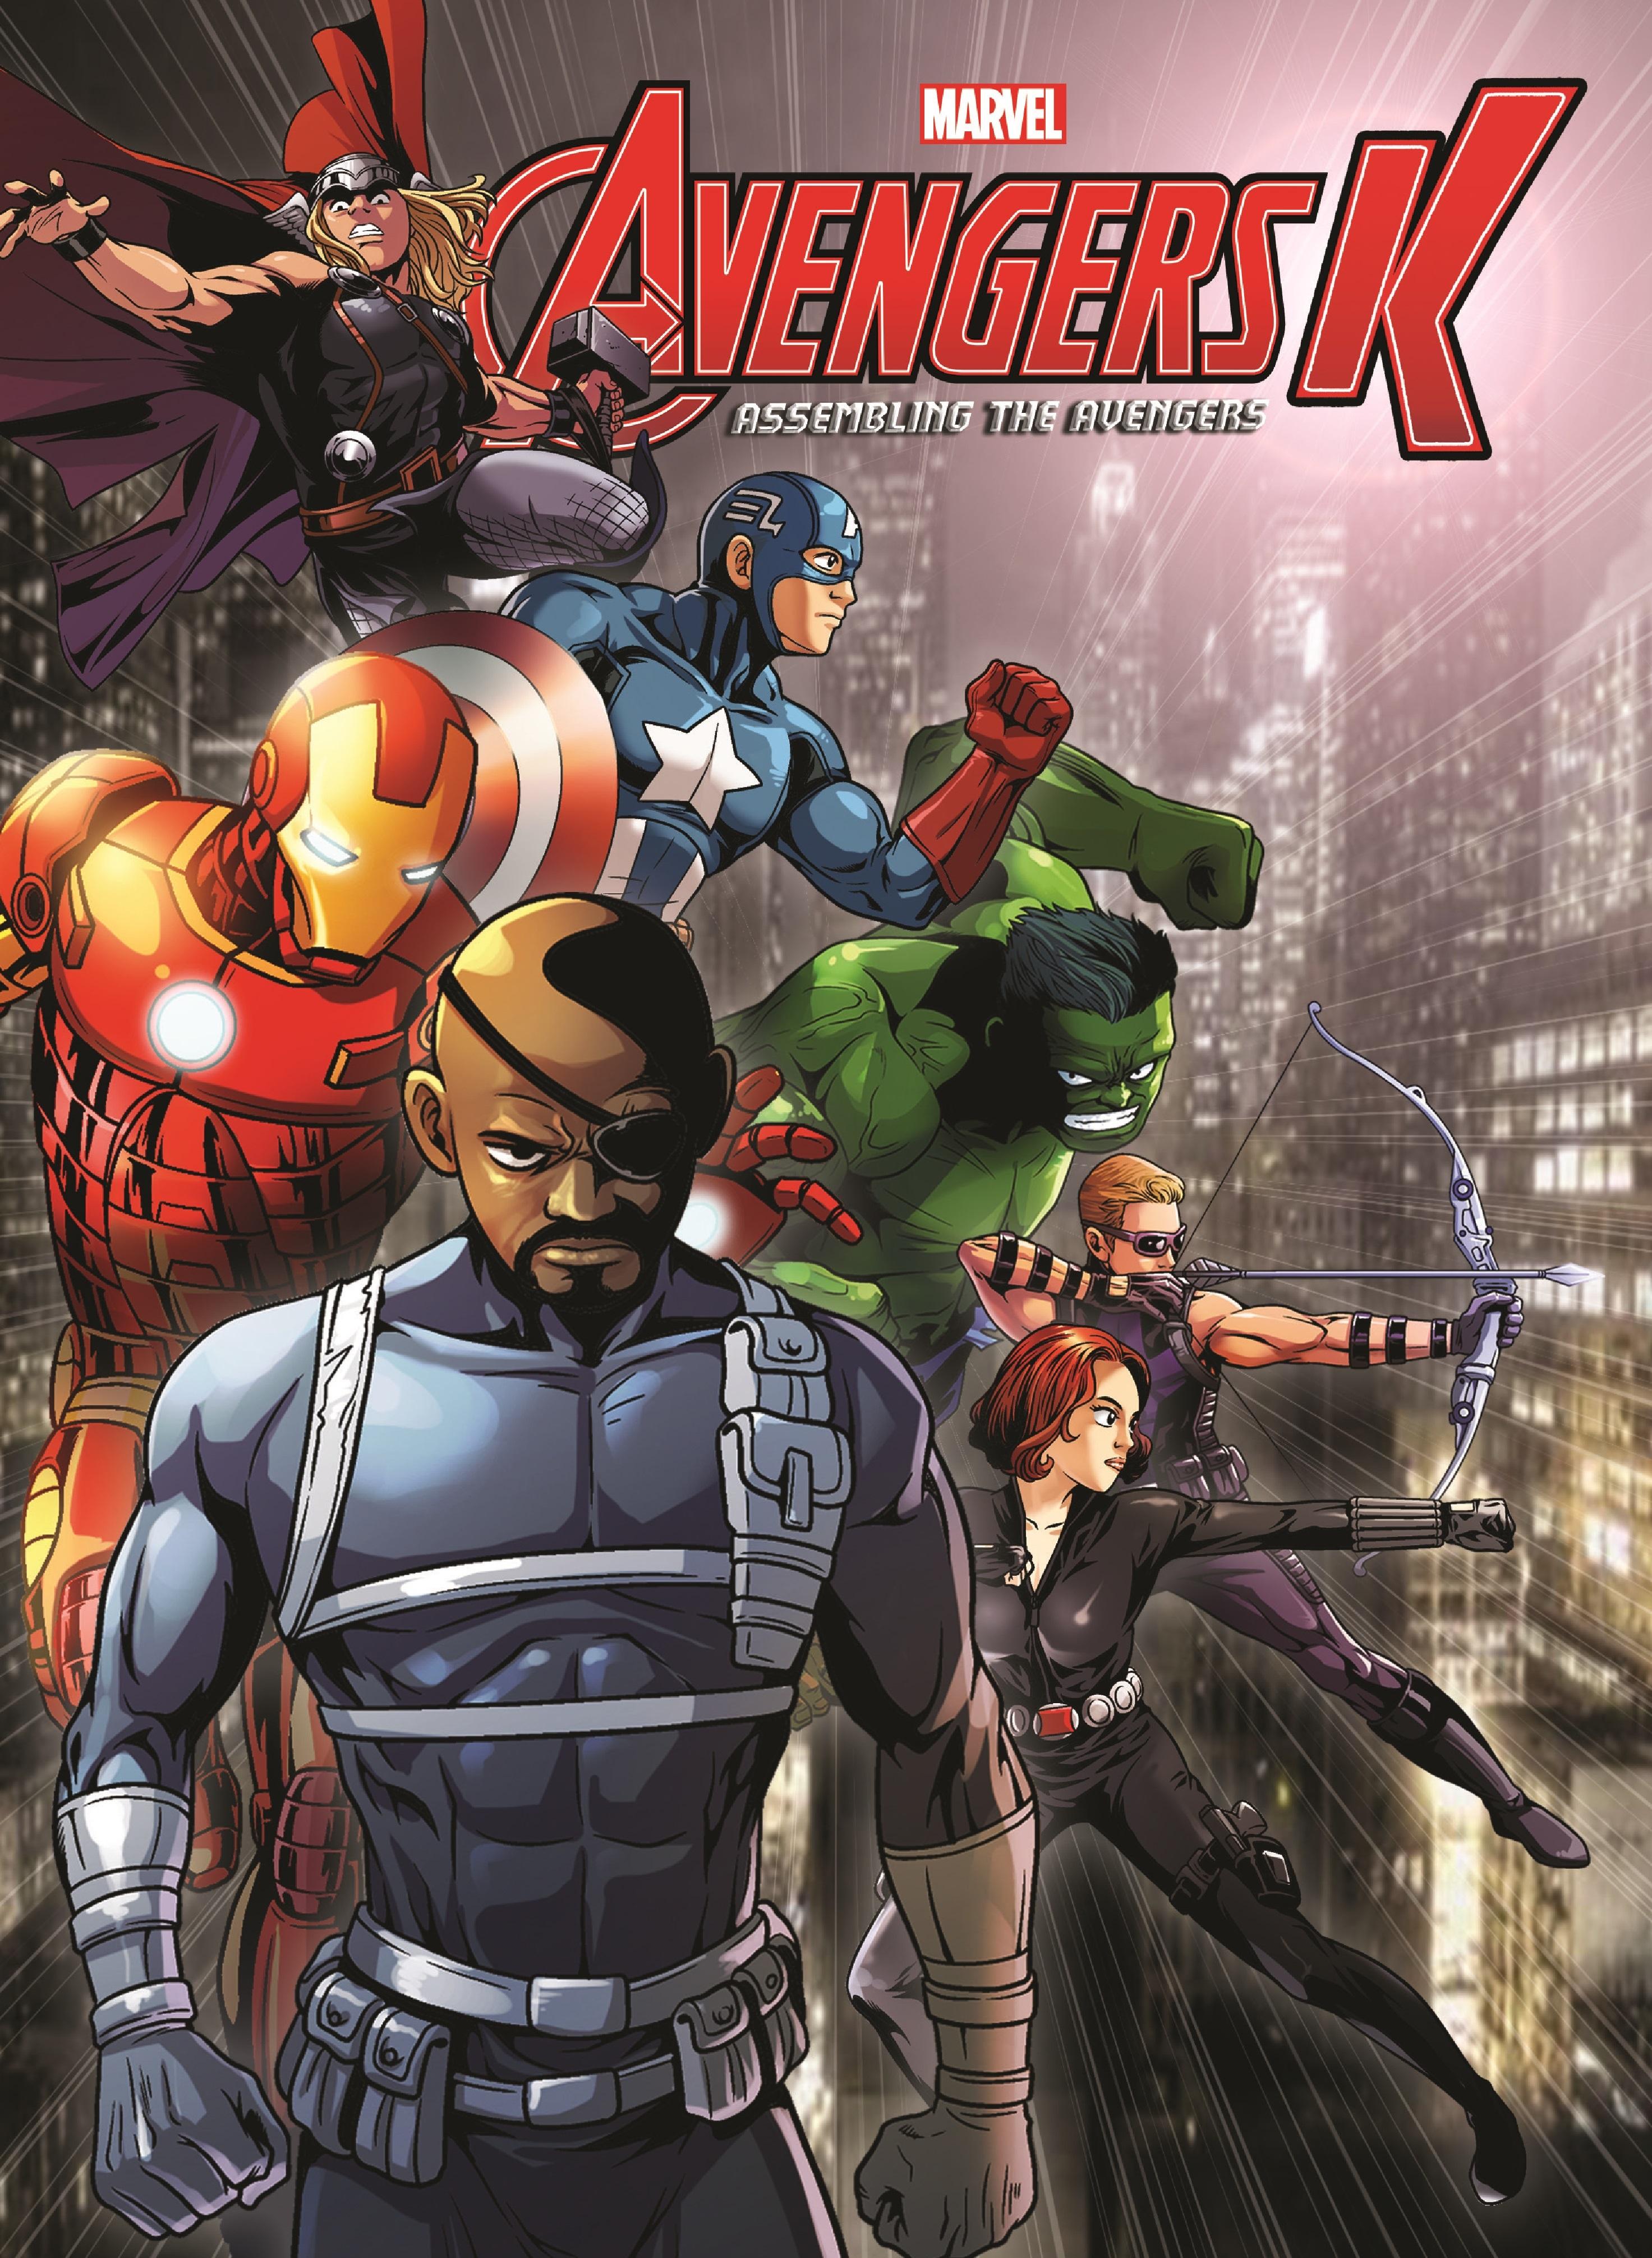 Avengers K Book 5: Assembling the Avengers (Trade Paperback)